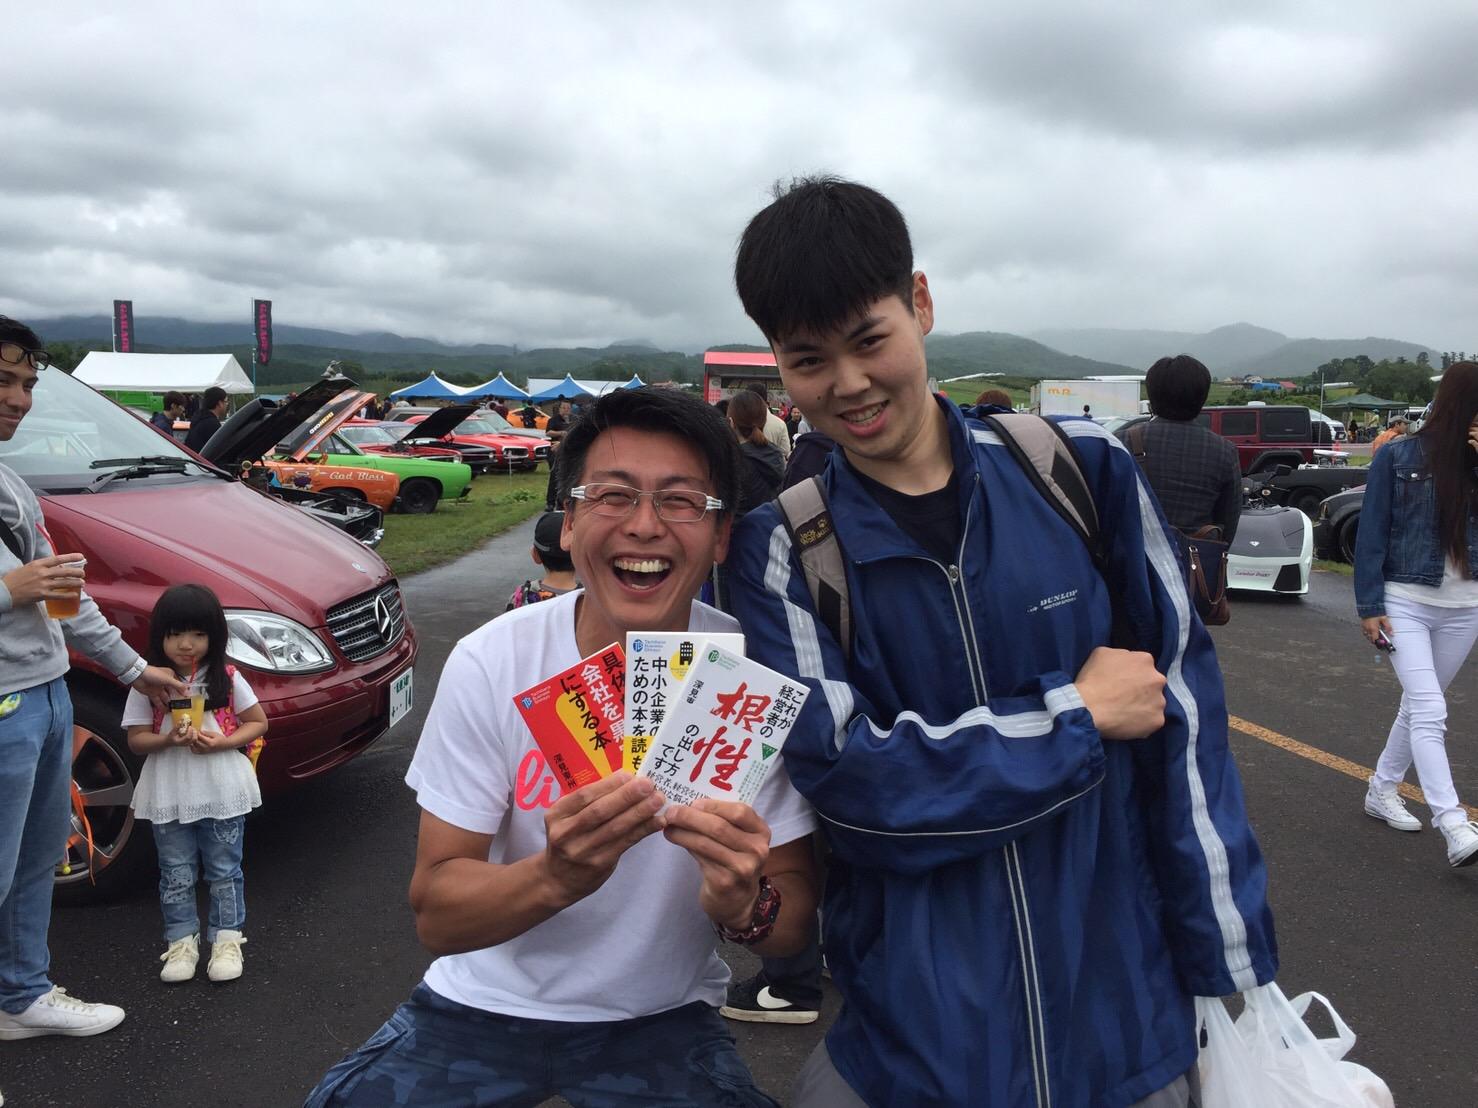 6月26日(日) 社長・店長はBIGMEETING HOKKAIDOへ!今日は本店お留守番ブログ♪_b0127002_17495882.jpg